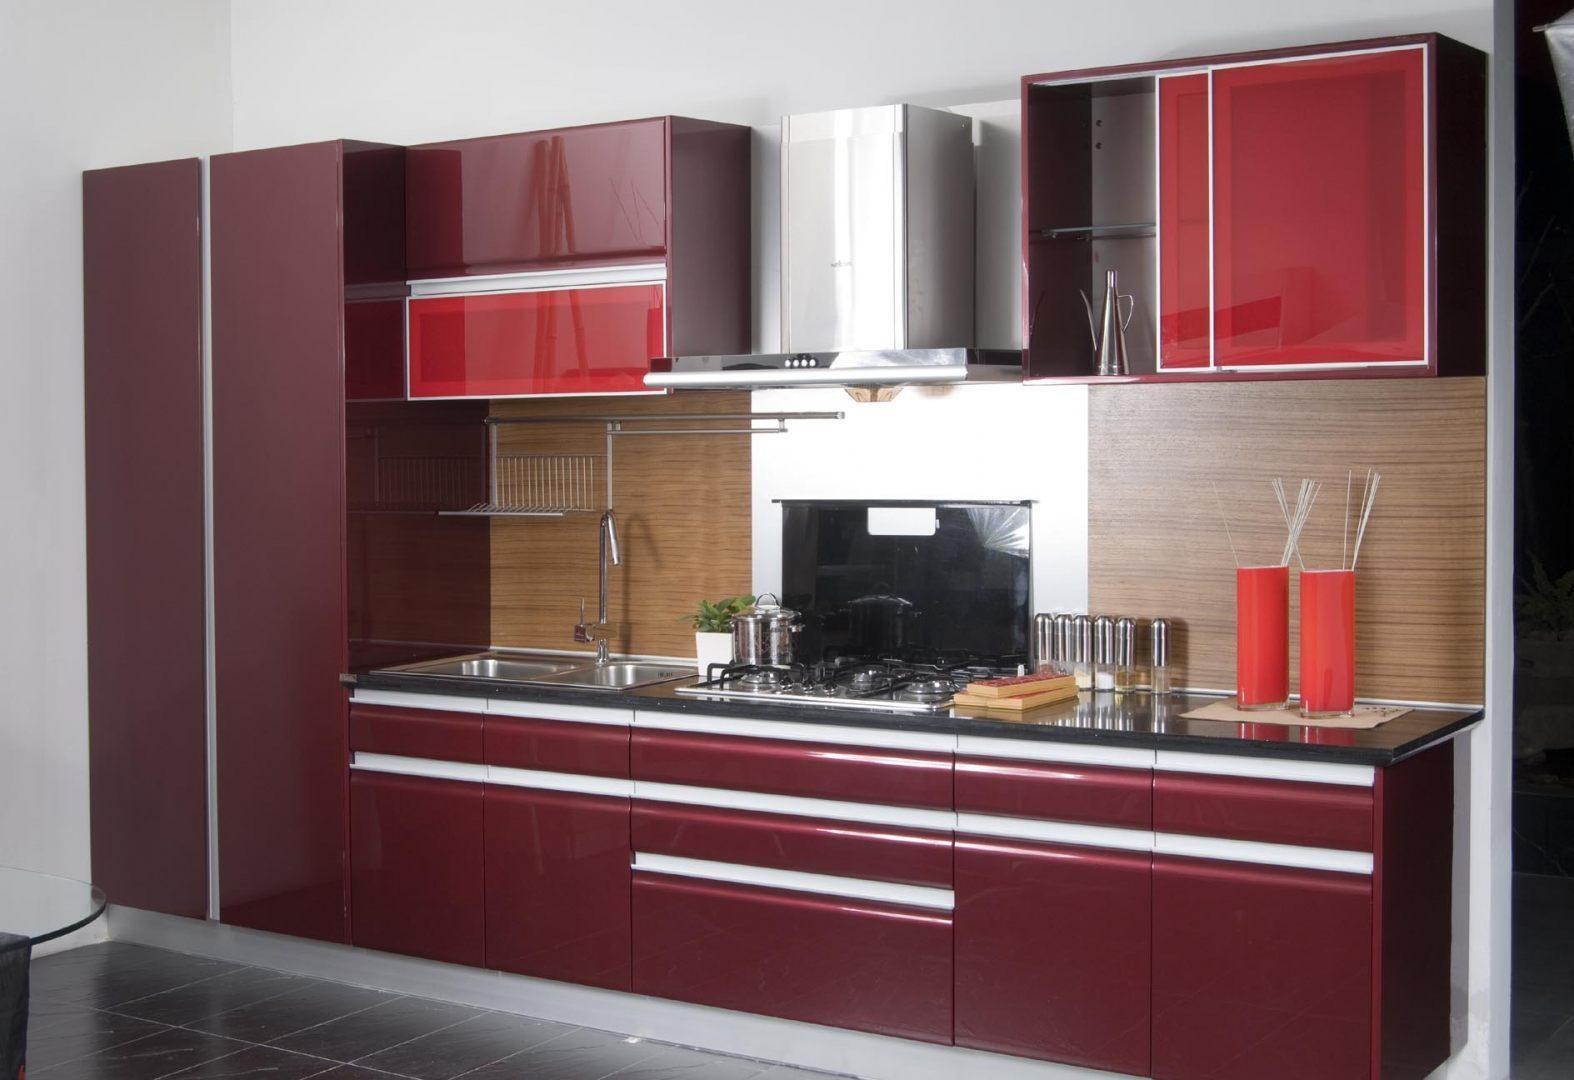 muebles de cocina modernos im genes y fotos